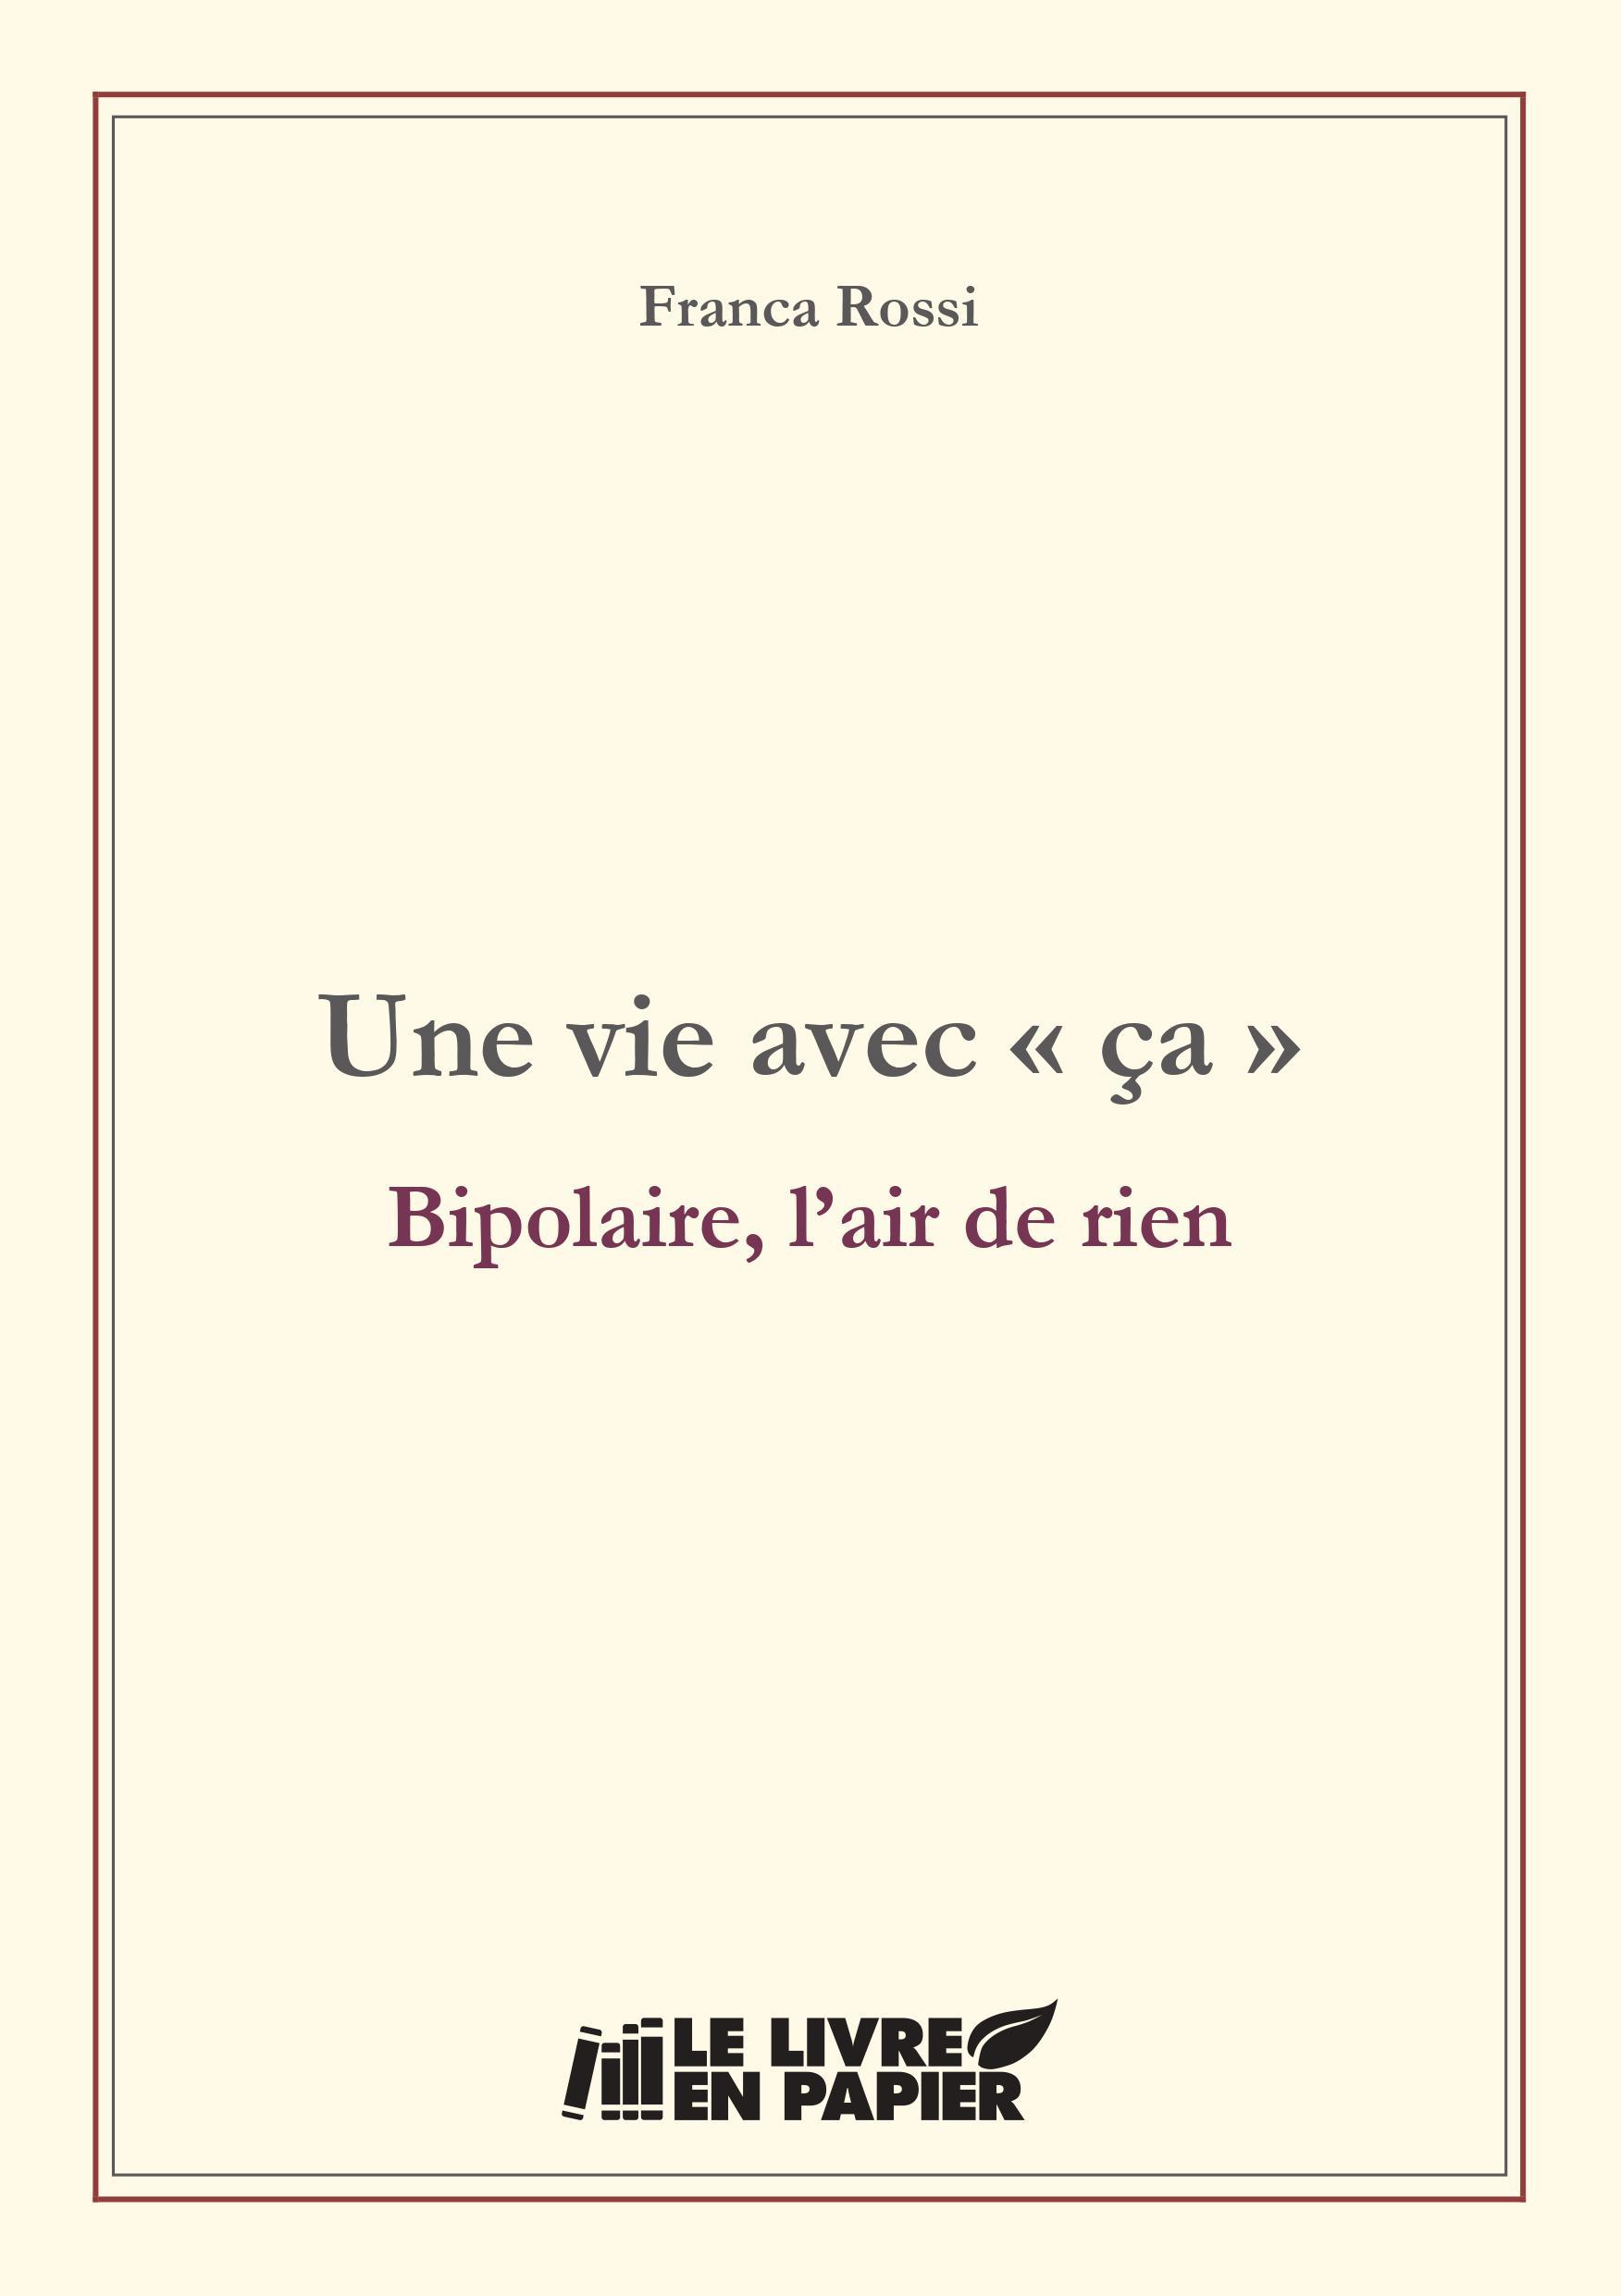 Couverture Rossi Franca - Une vie avec ça